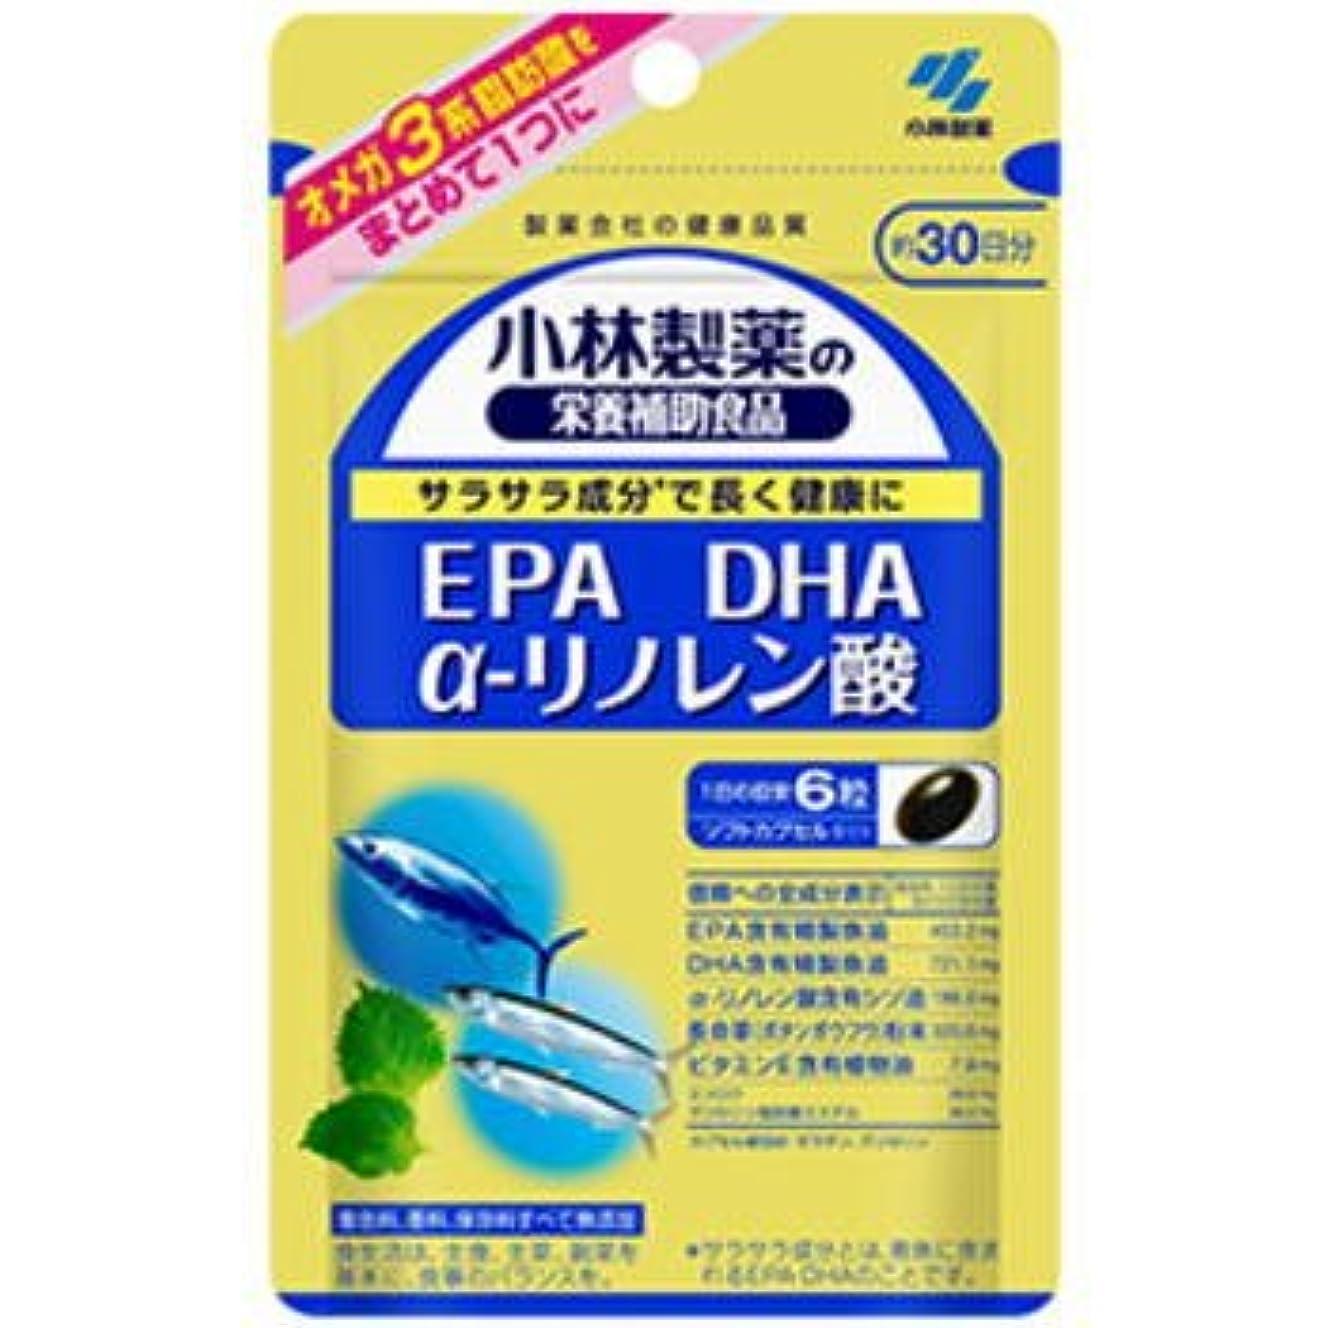 ランタンチェリー支援小林製薬 EPA DHA α-リノレン酸 180粒×3個セット【ネコポス発送】